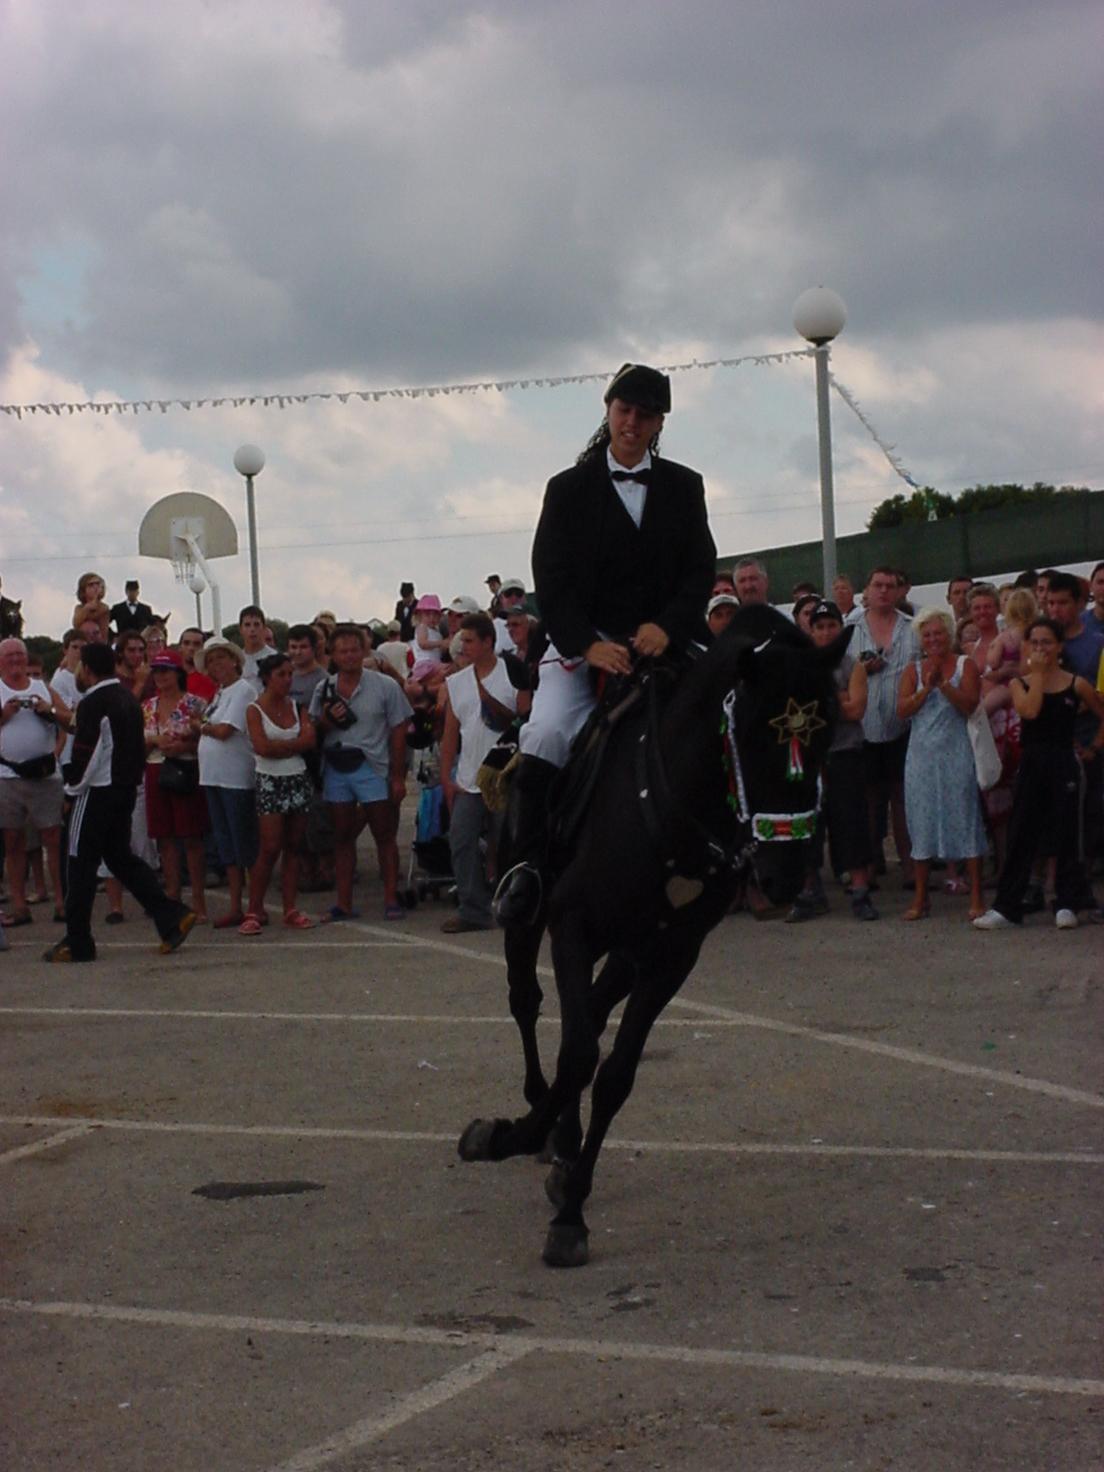 insektokutor spain rider horse black parade amazon